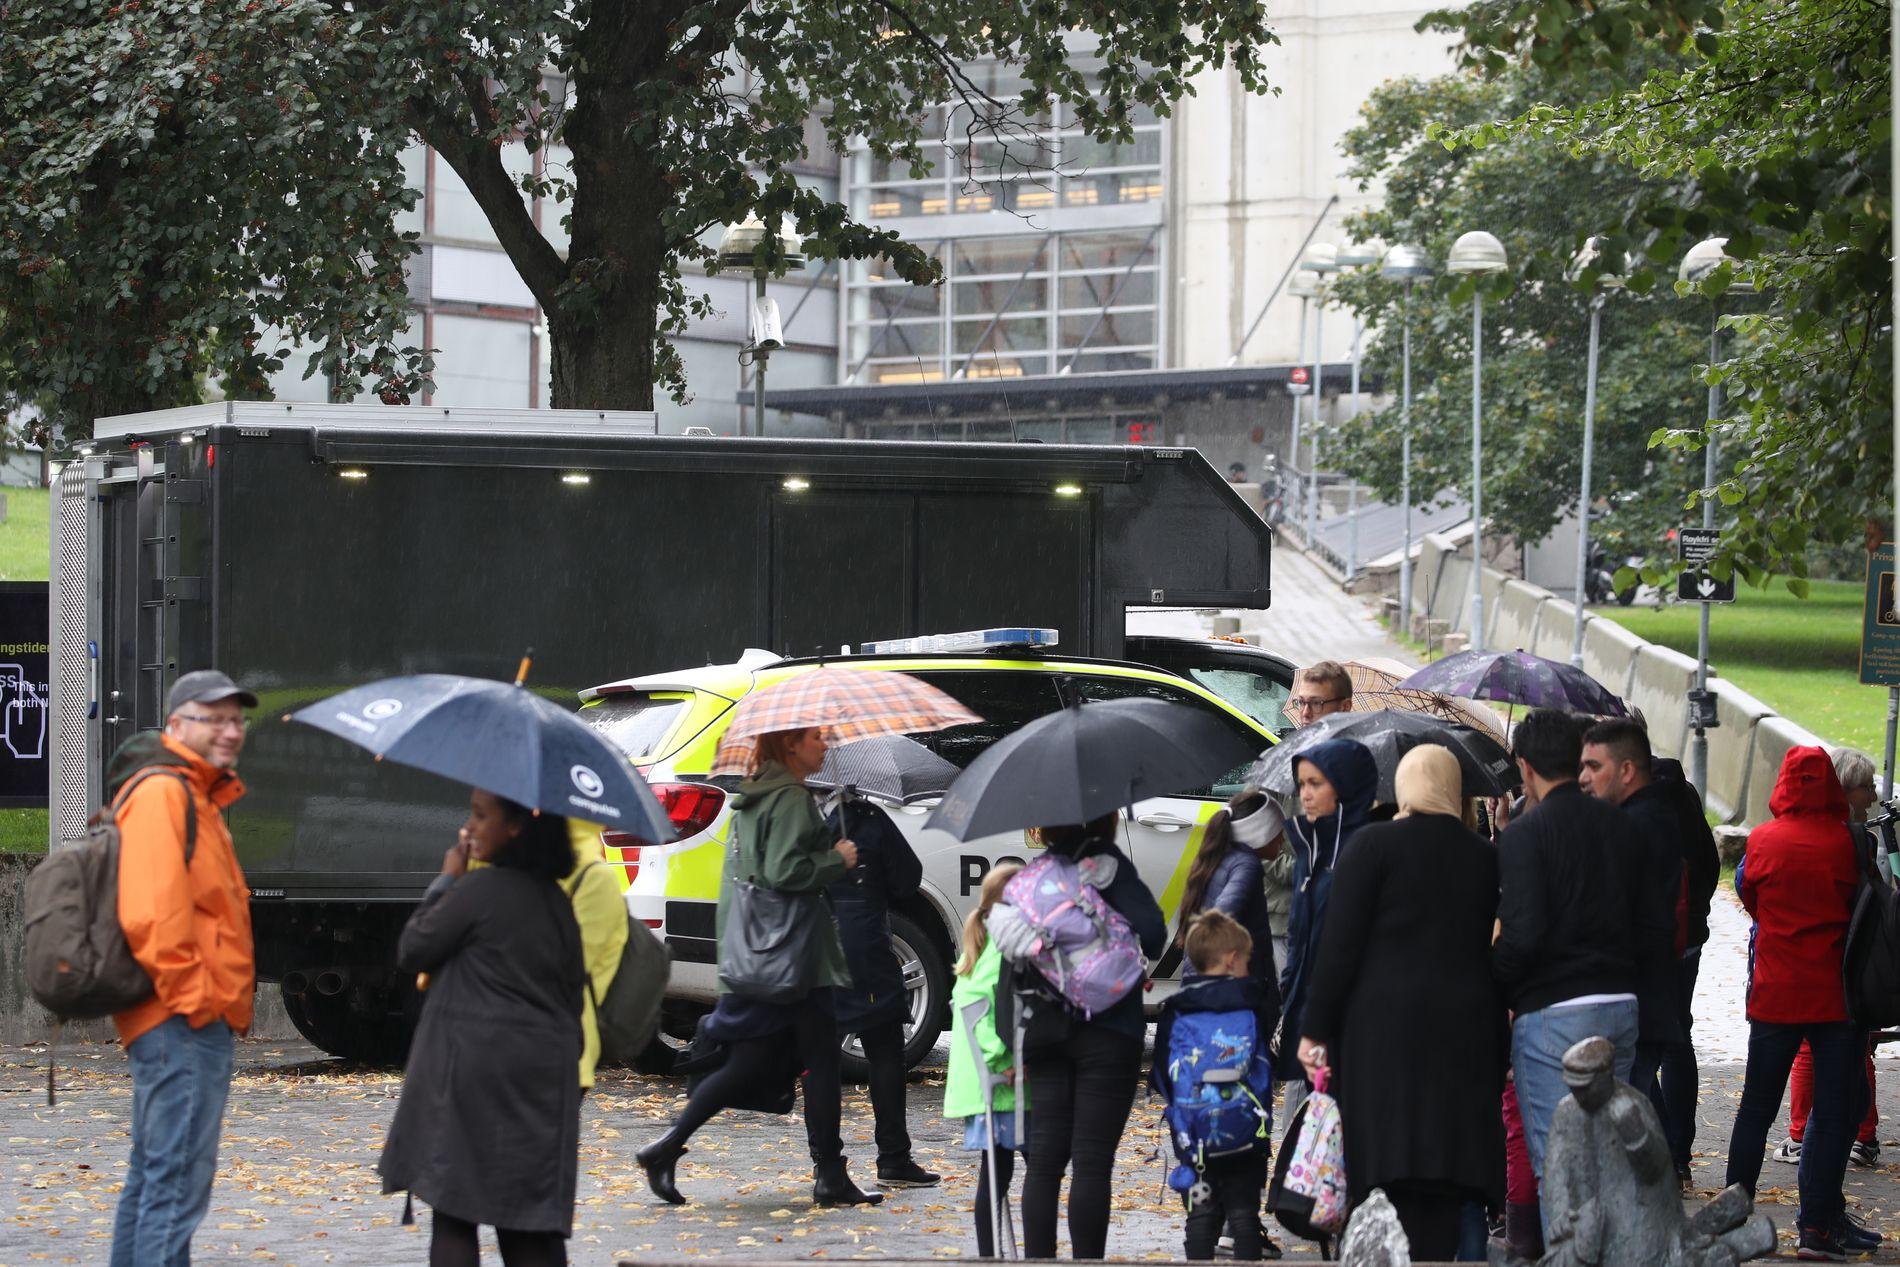 EVAKUERT: Hovedinngangen til politihuset på Grønland i Oslo er midlertidig stengt etter bombetrusselen.